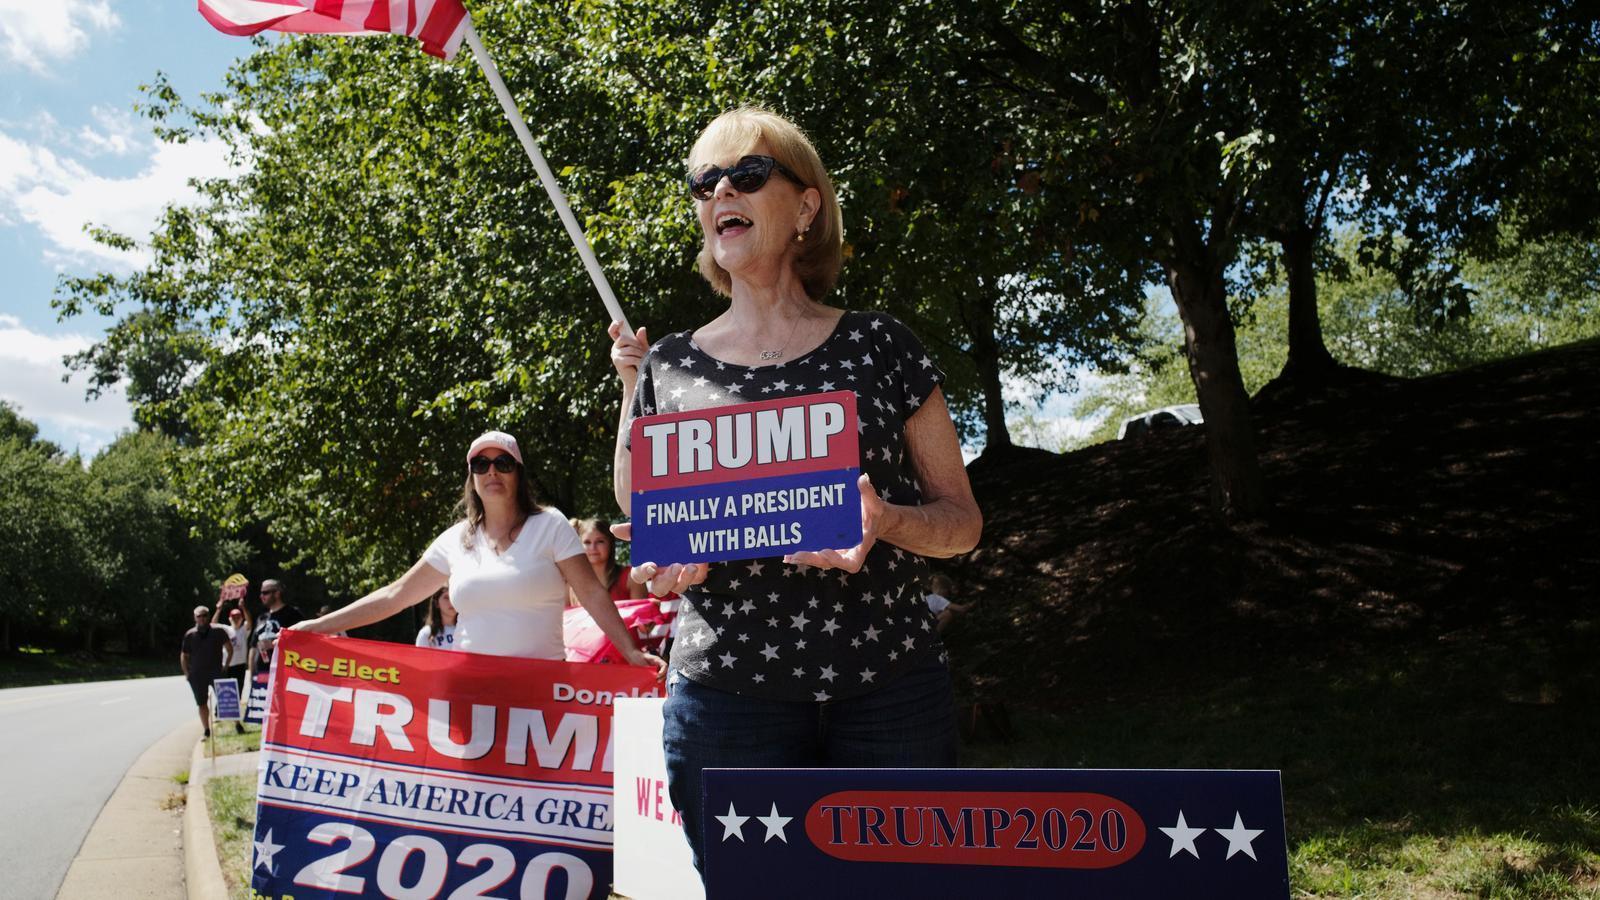 Trump viatja a la ciutat de Jacob Blake per donar suport a la policia, en una visita controvertida